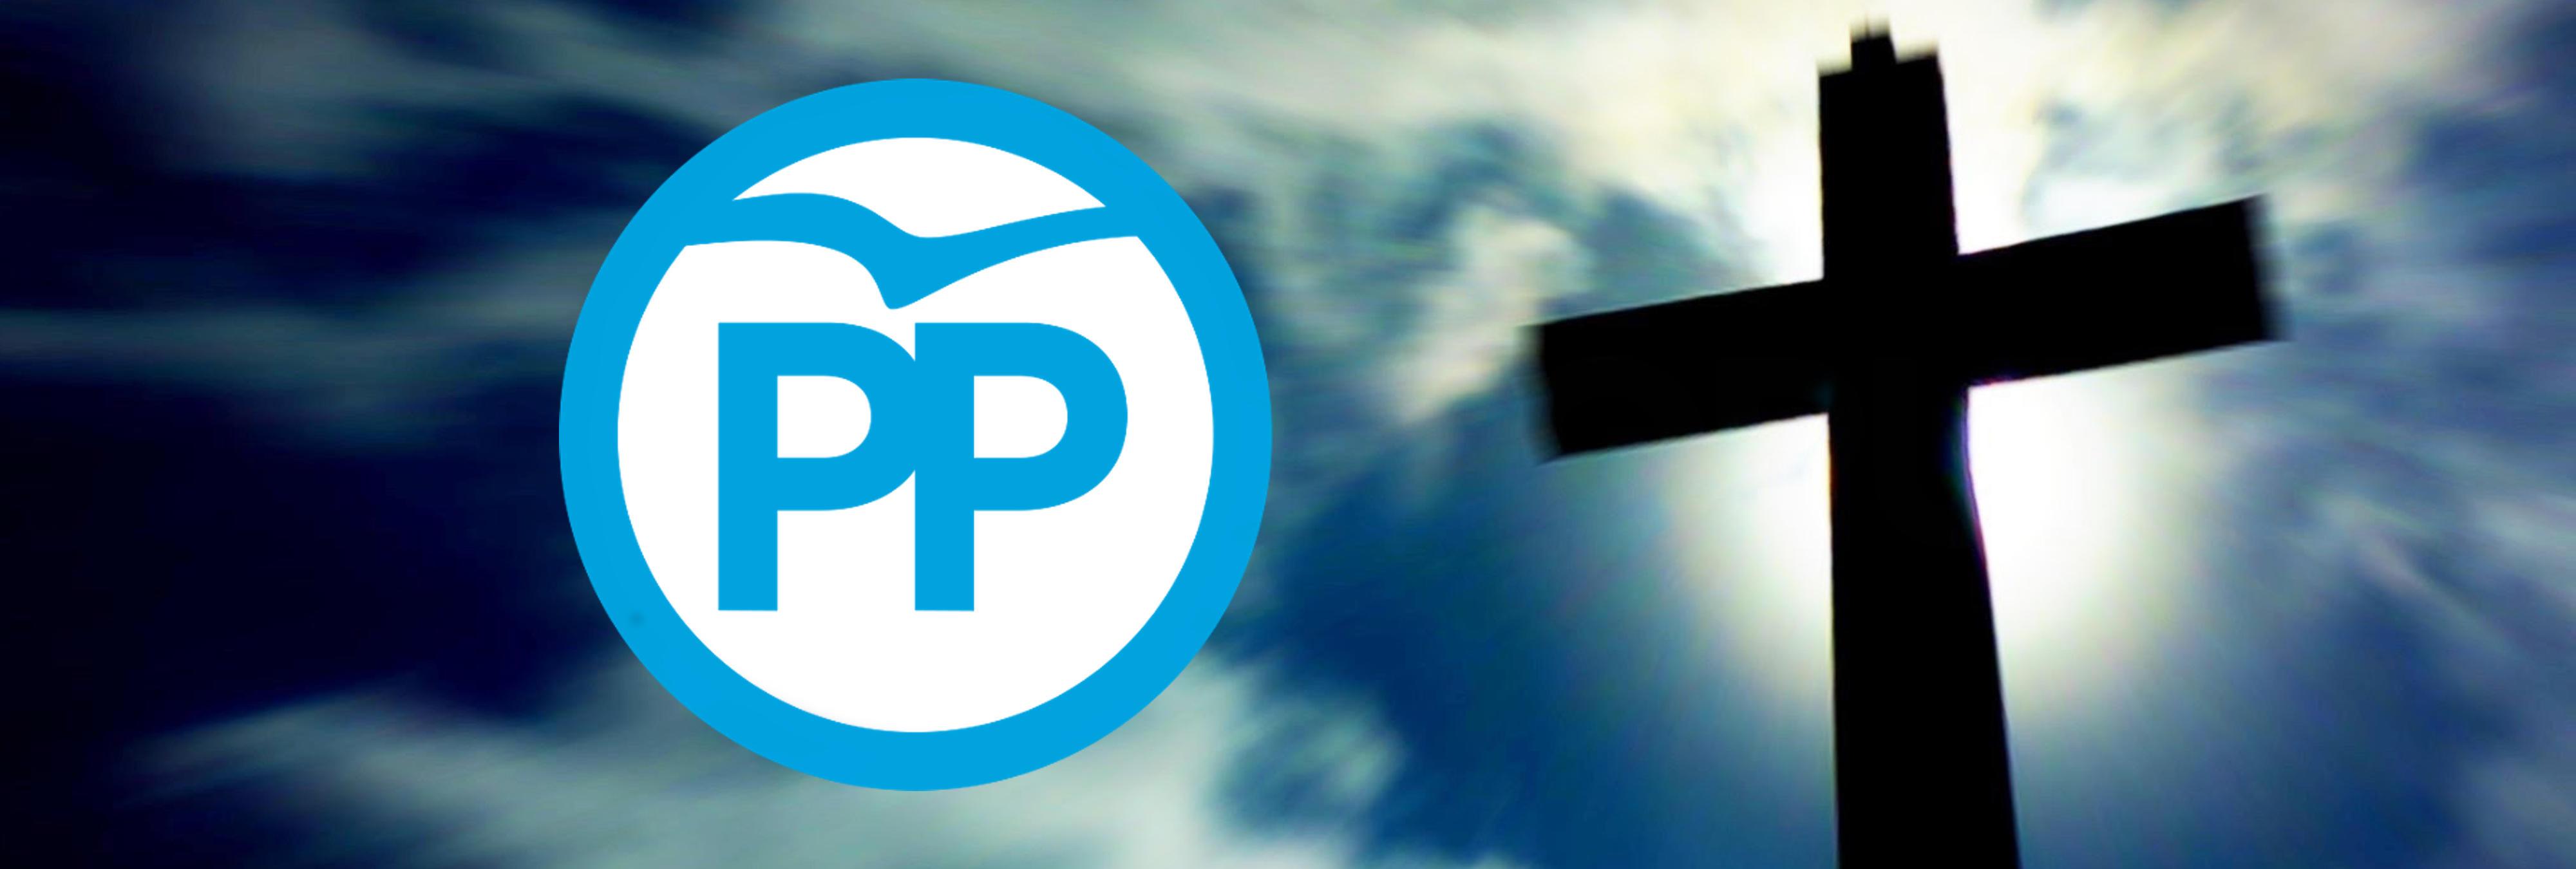 El PP se dedica a repartir panfletos en las Iglesias para hacer campaña